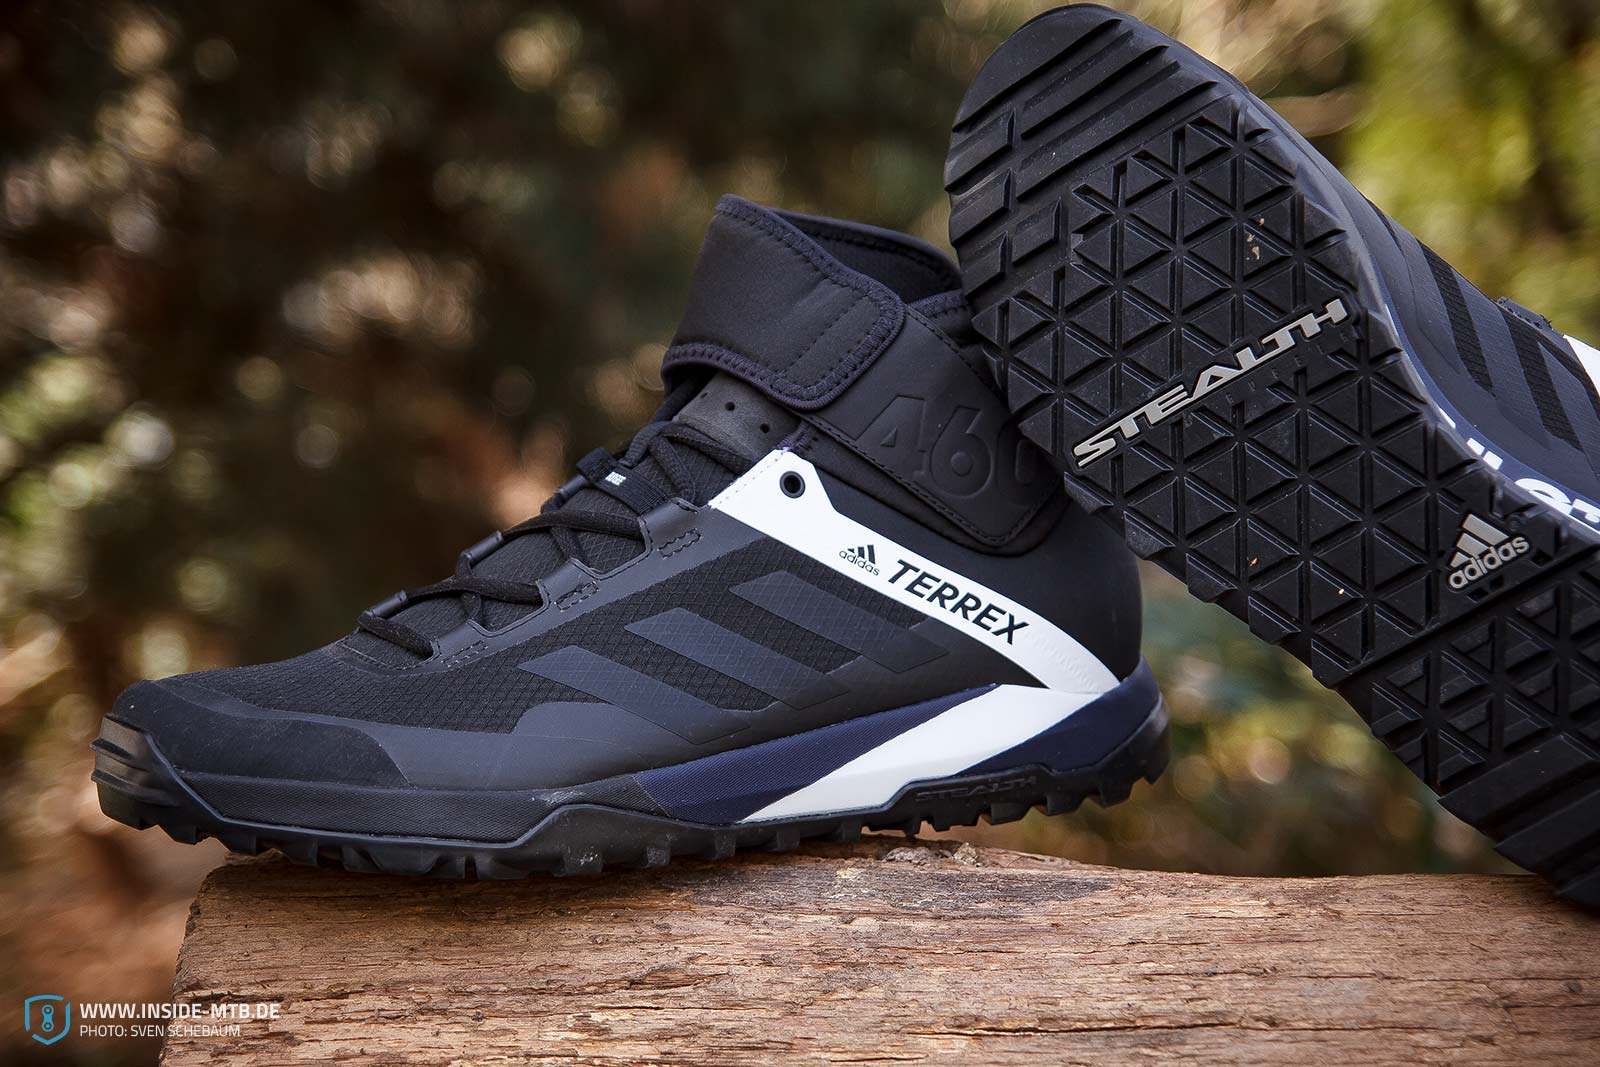 Adidas Terrex Trailcross Protect: Beste Rüstung für Herbst